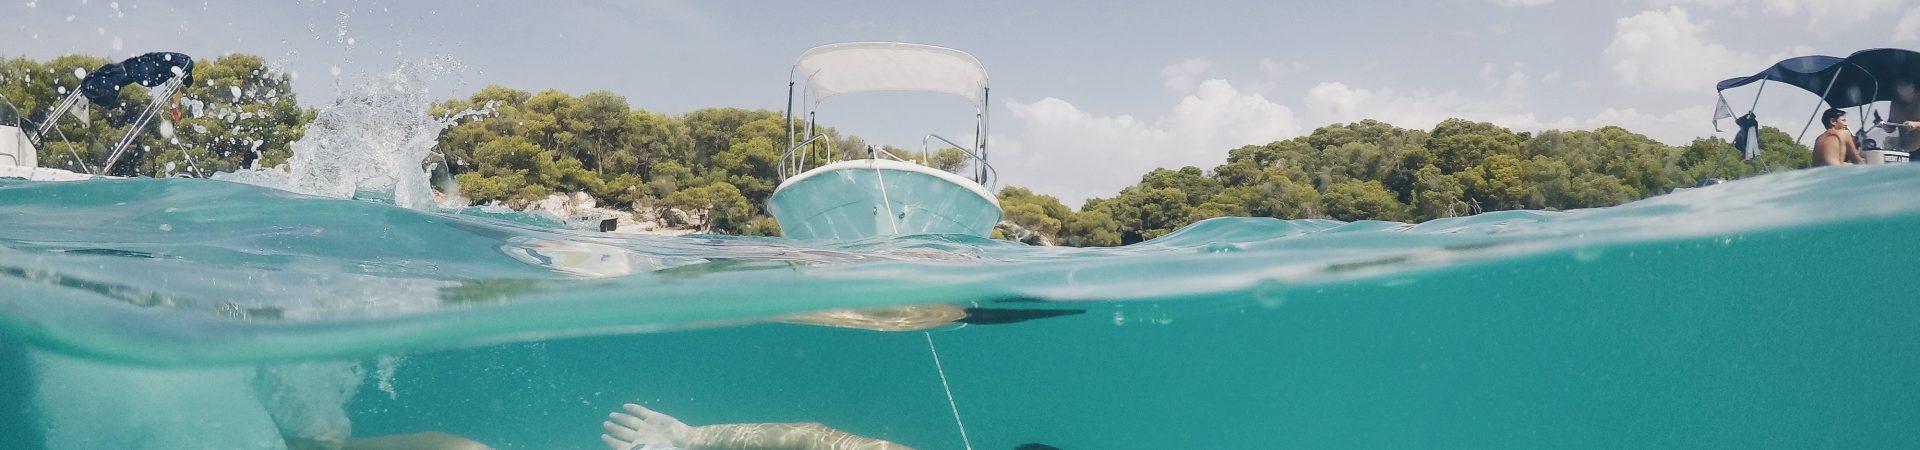 udflugt til Menorca